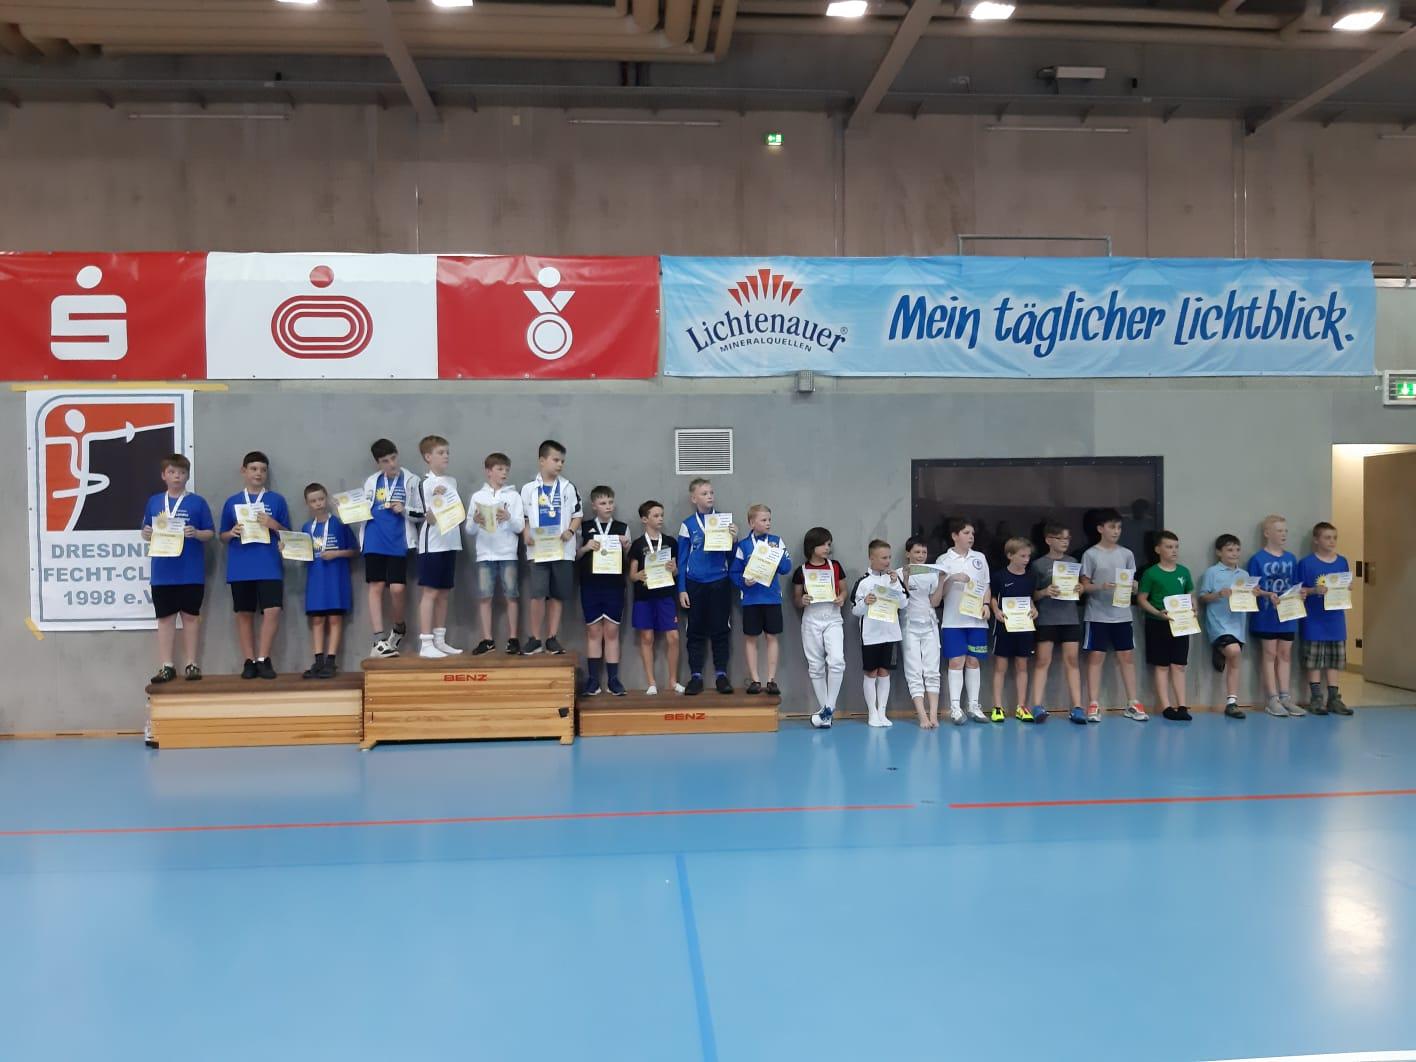 Landesjugendspiele_Landesmeisterschaften_Schler_Florett2019_11.jpg